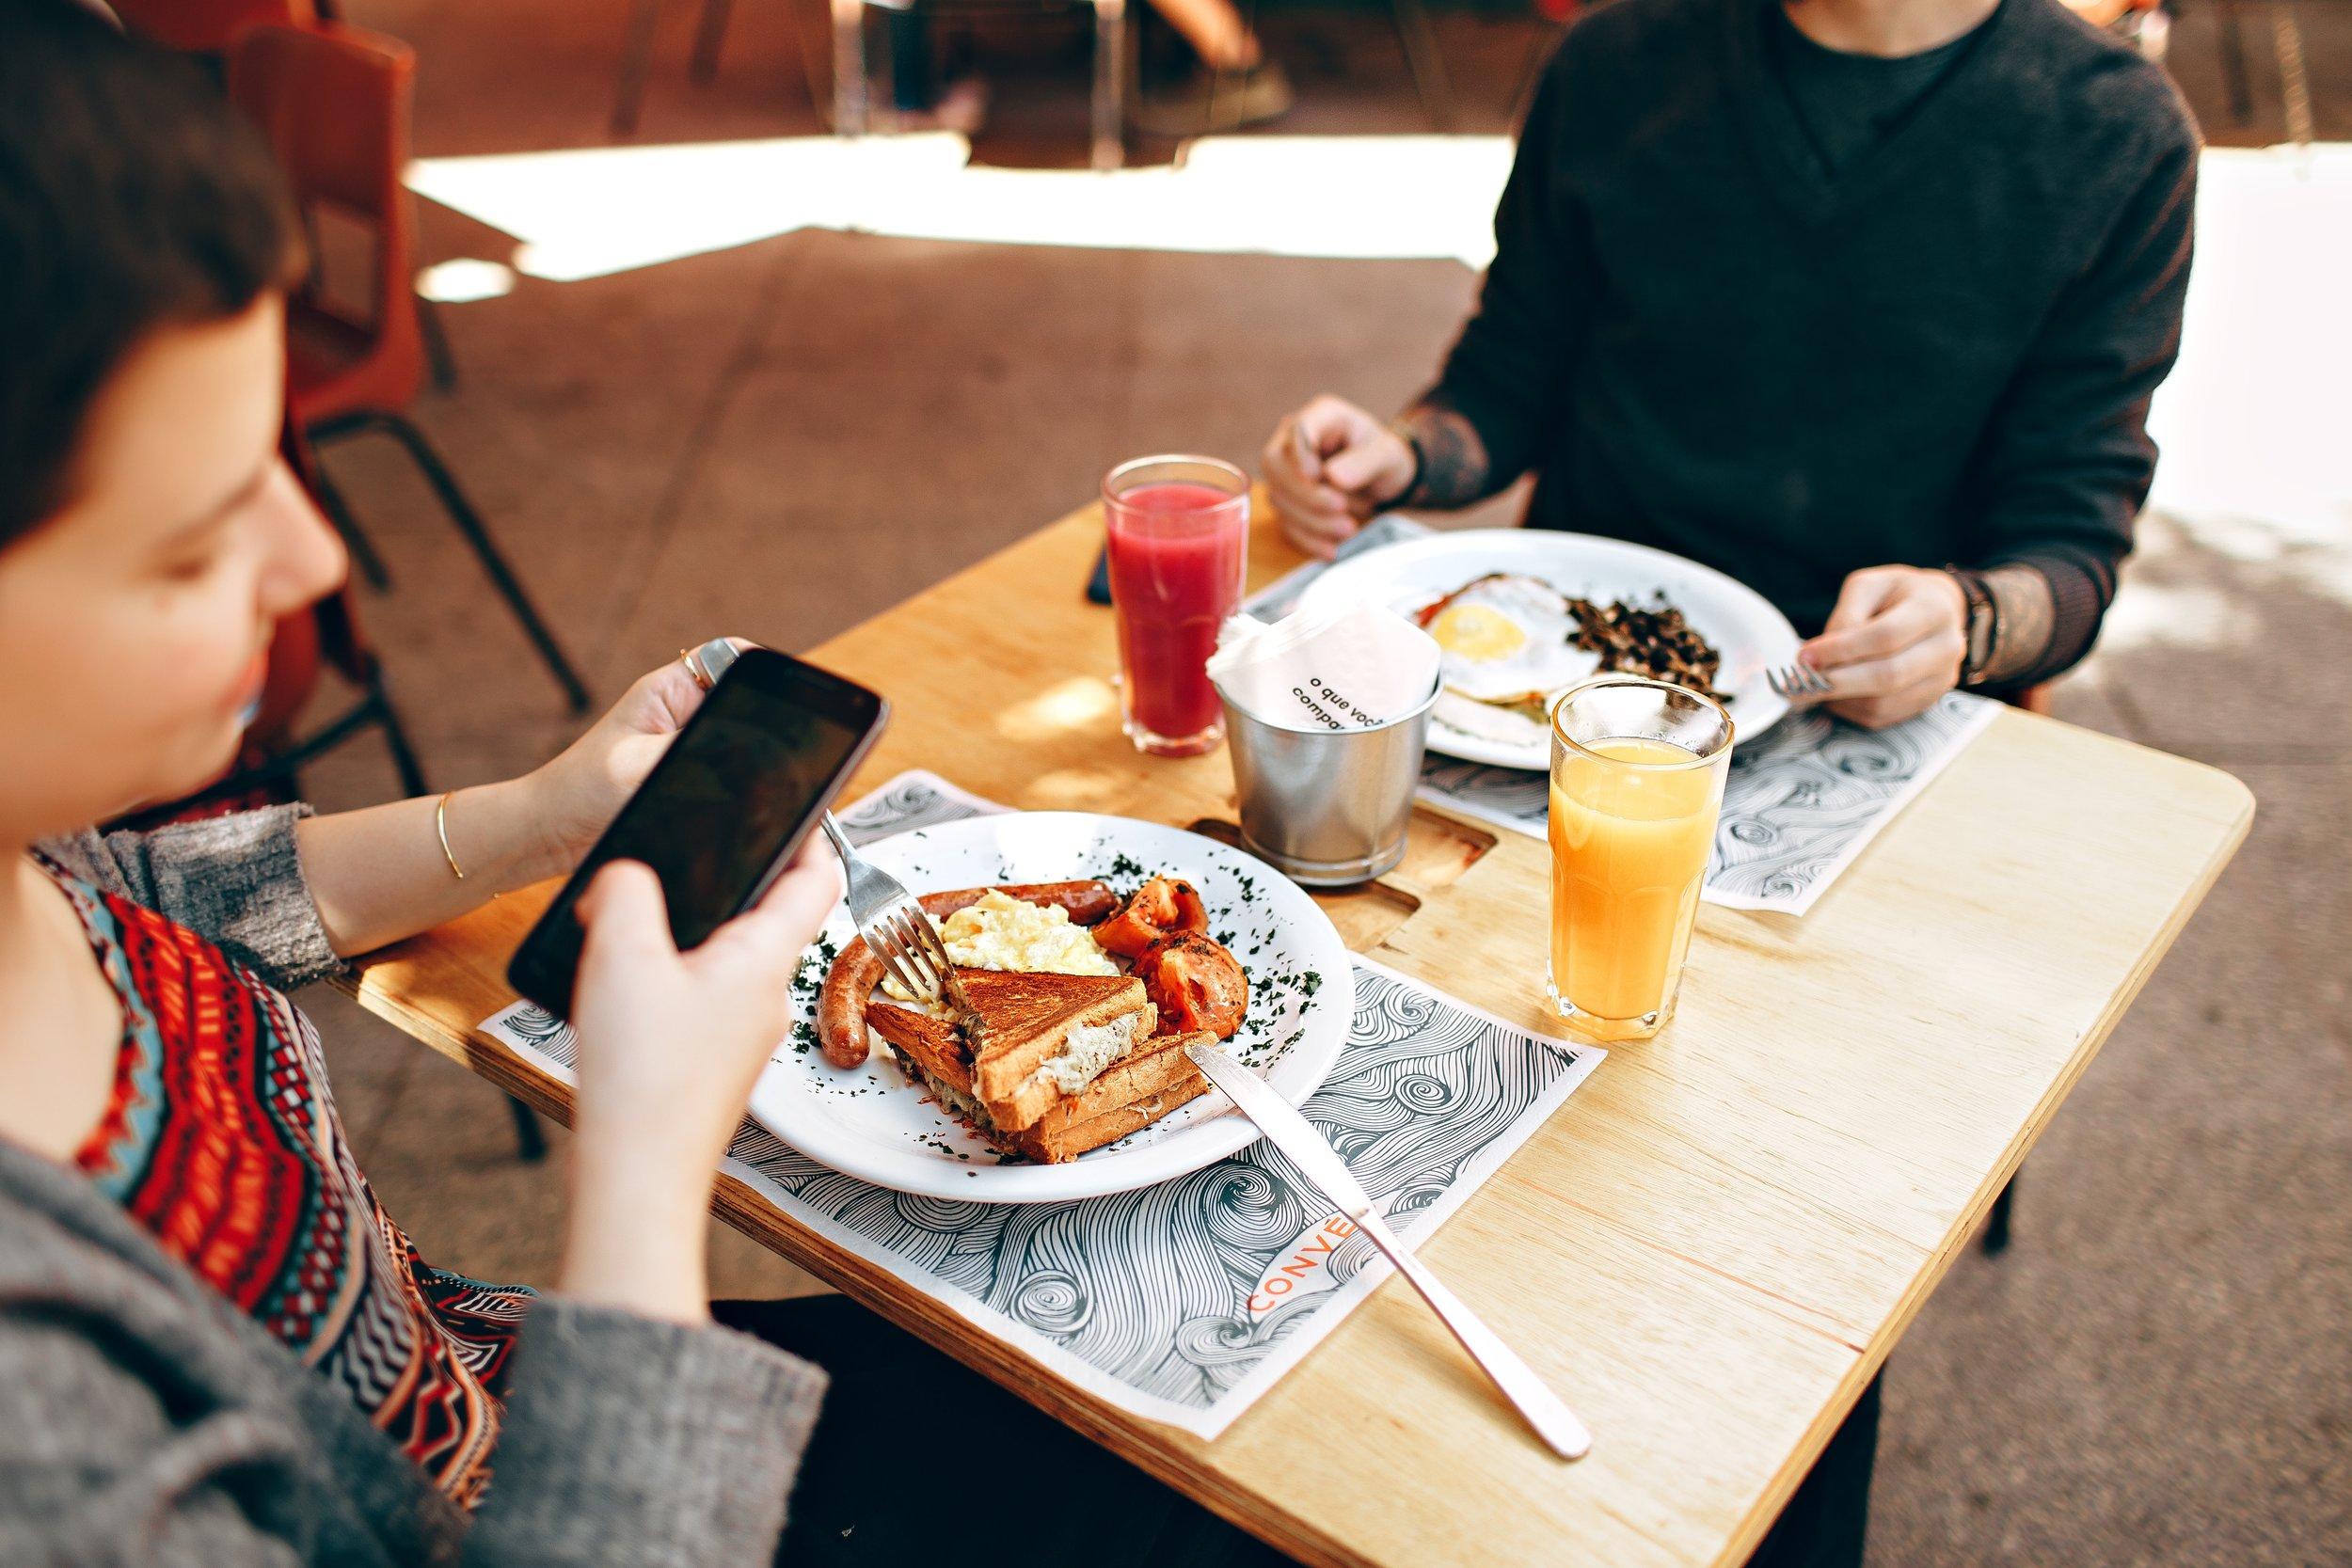 breakfast-brunch-cell-phone-693269.jpg